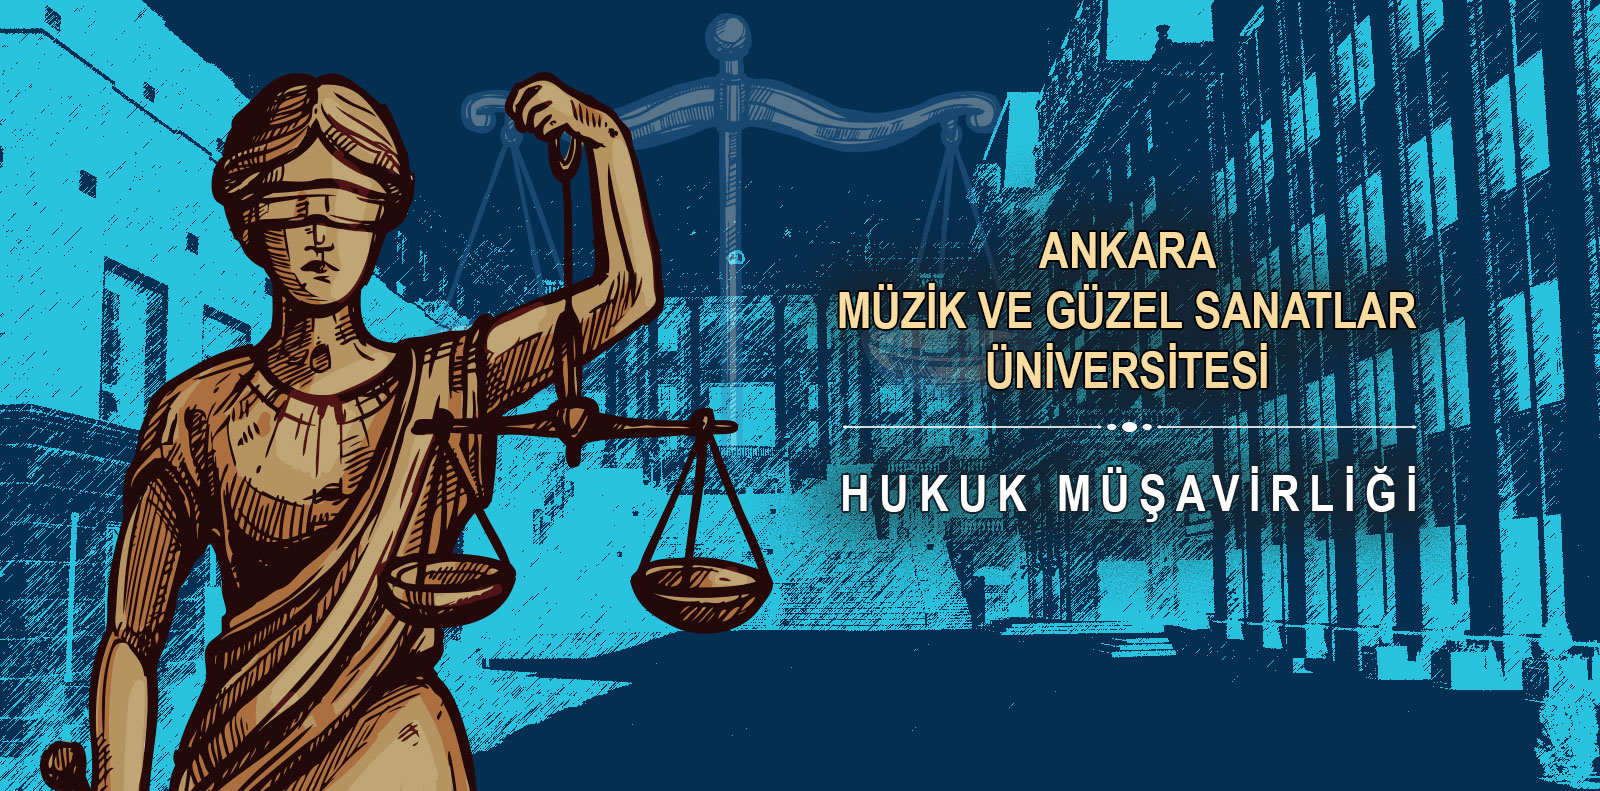 Hukuk Müşavirliği Slide 01